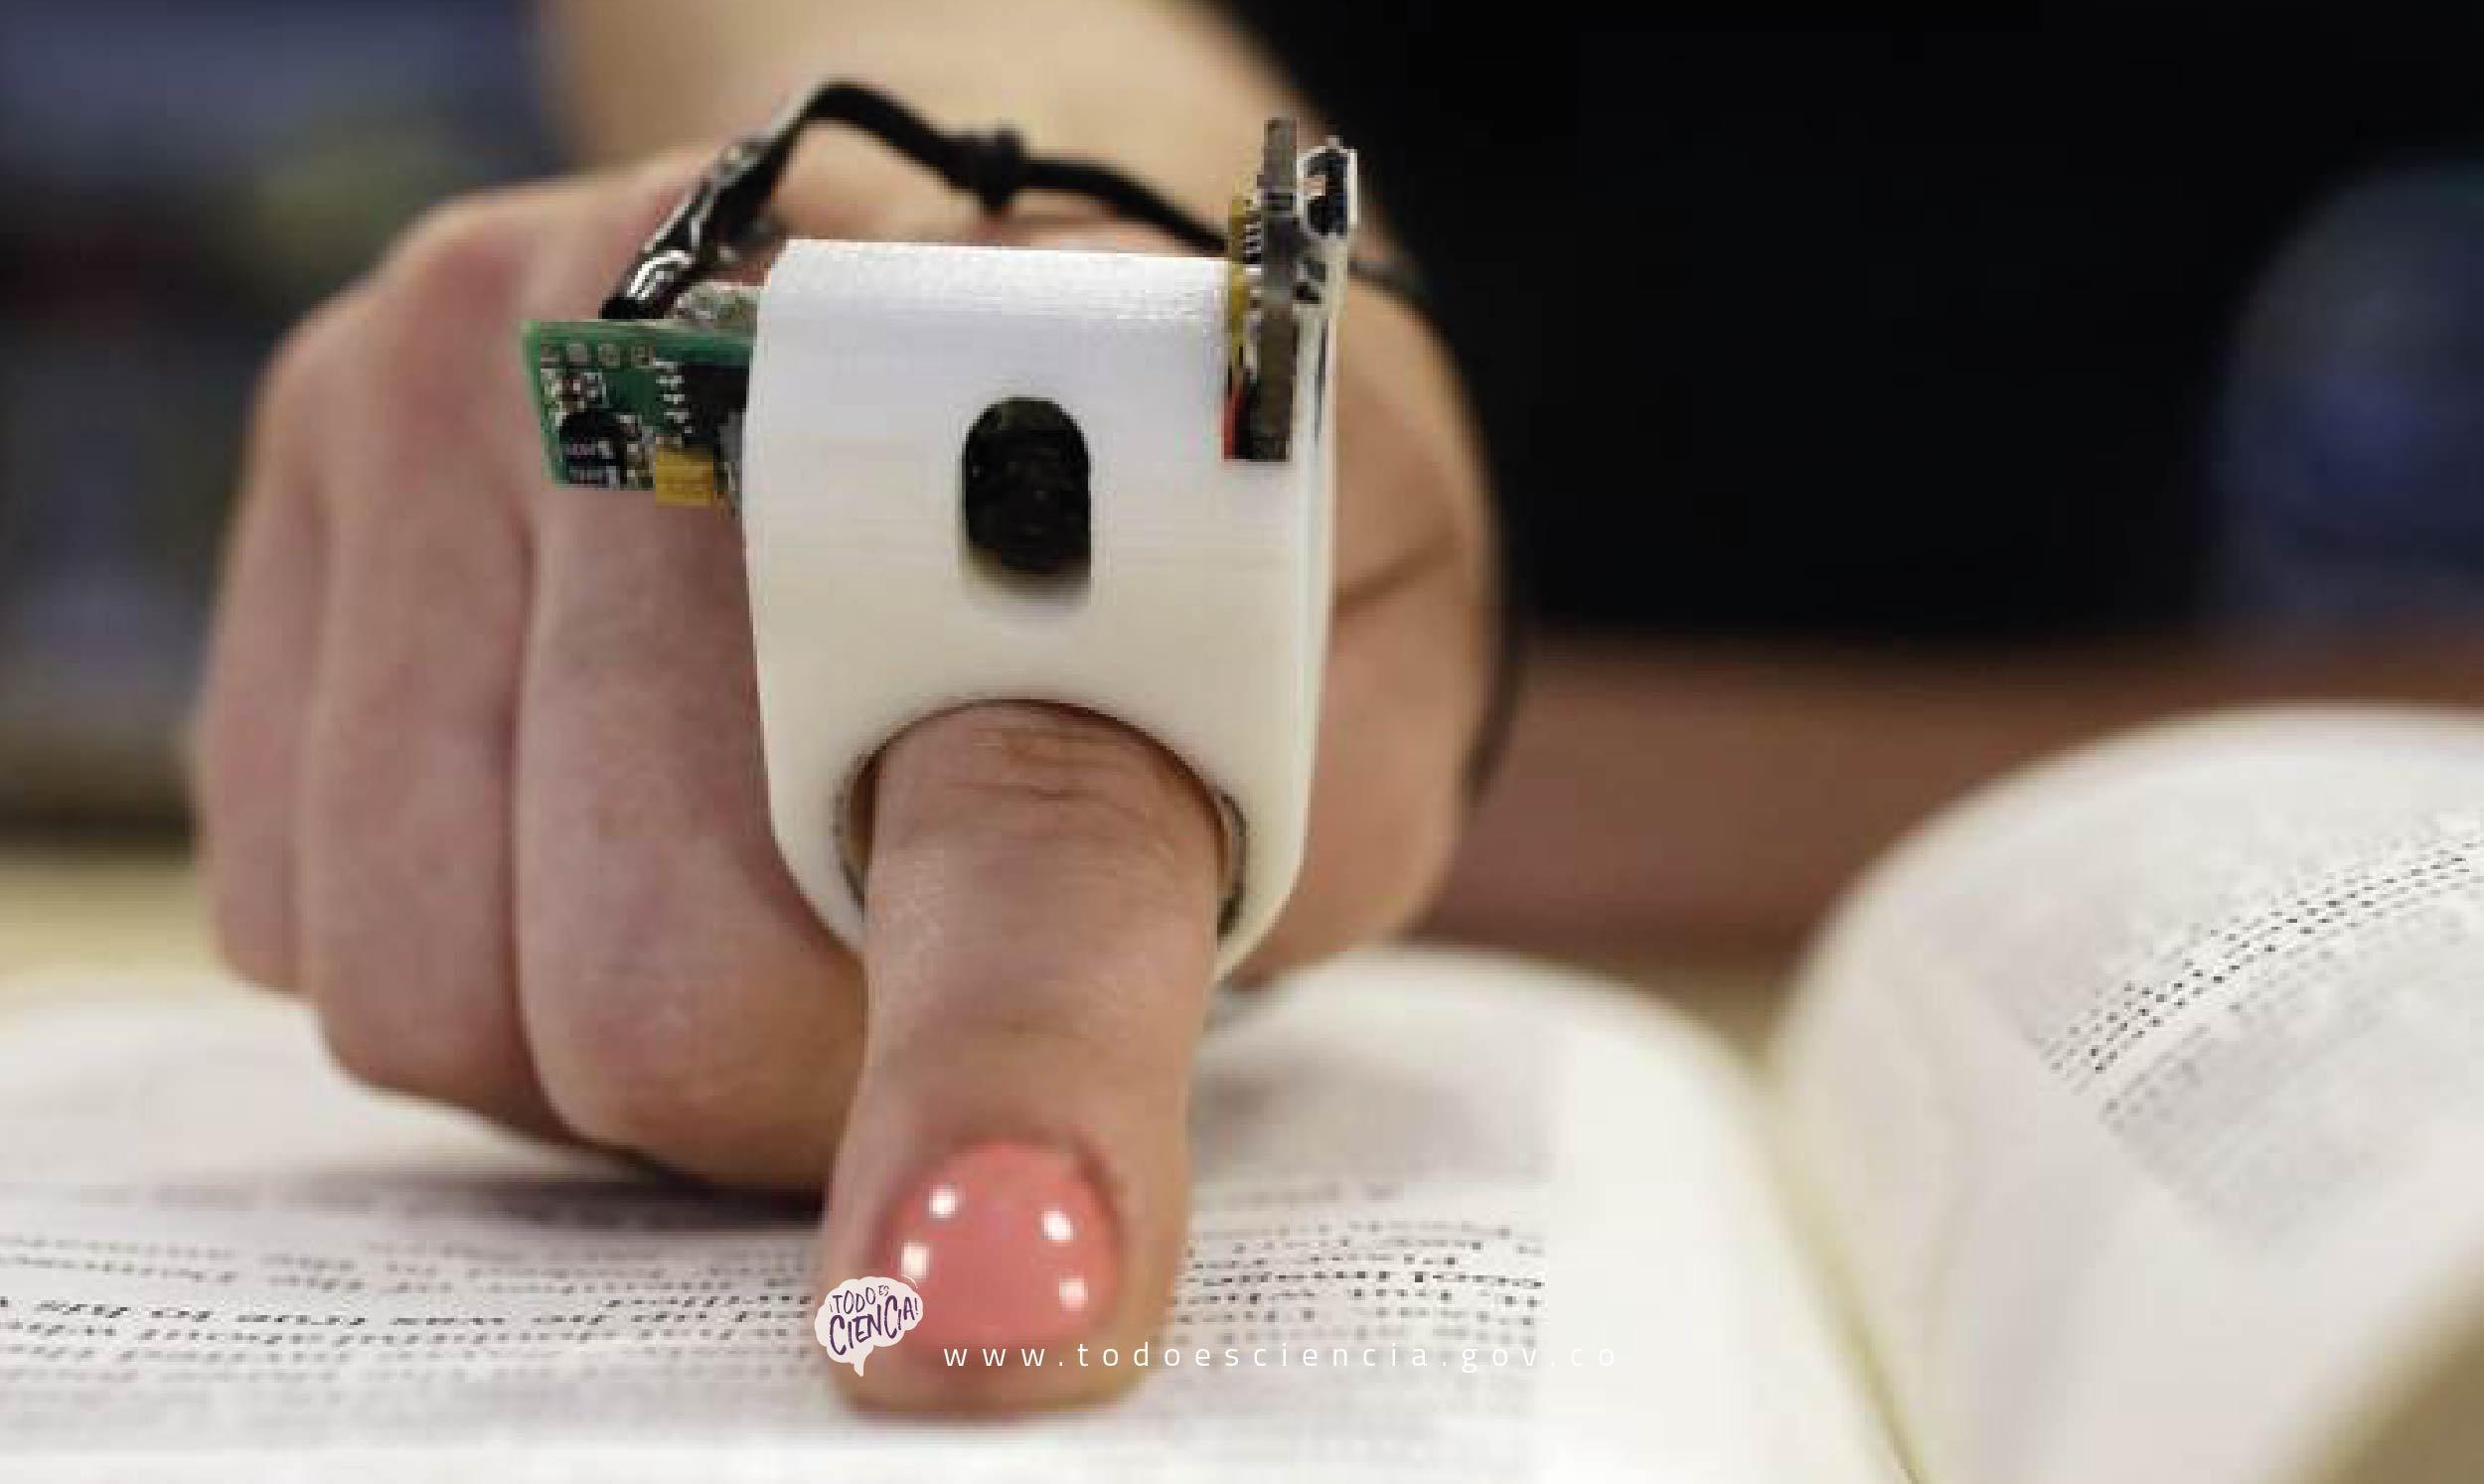 Tecnologia para todos: grandes aportes para personas con discapacidad visual